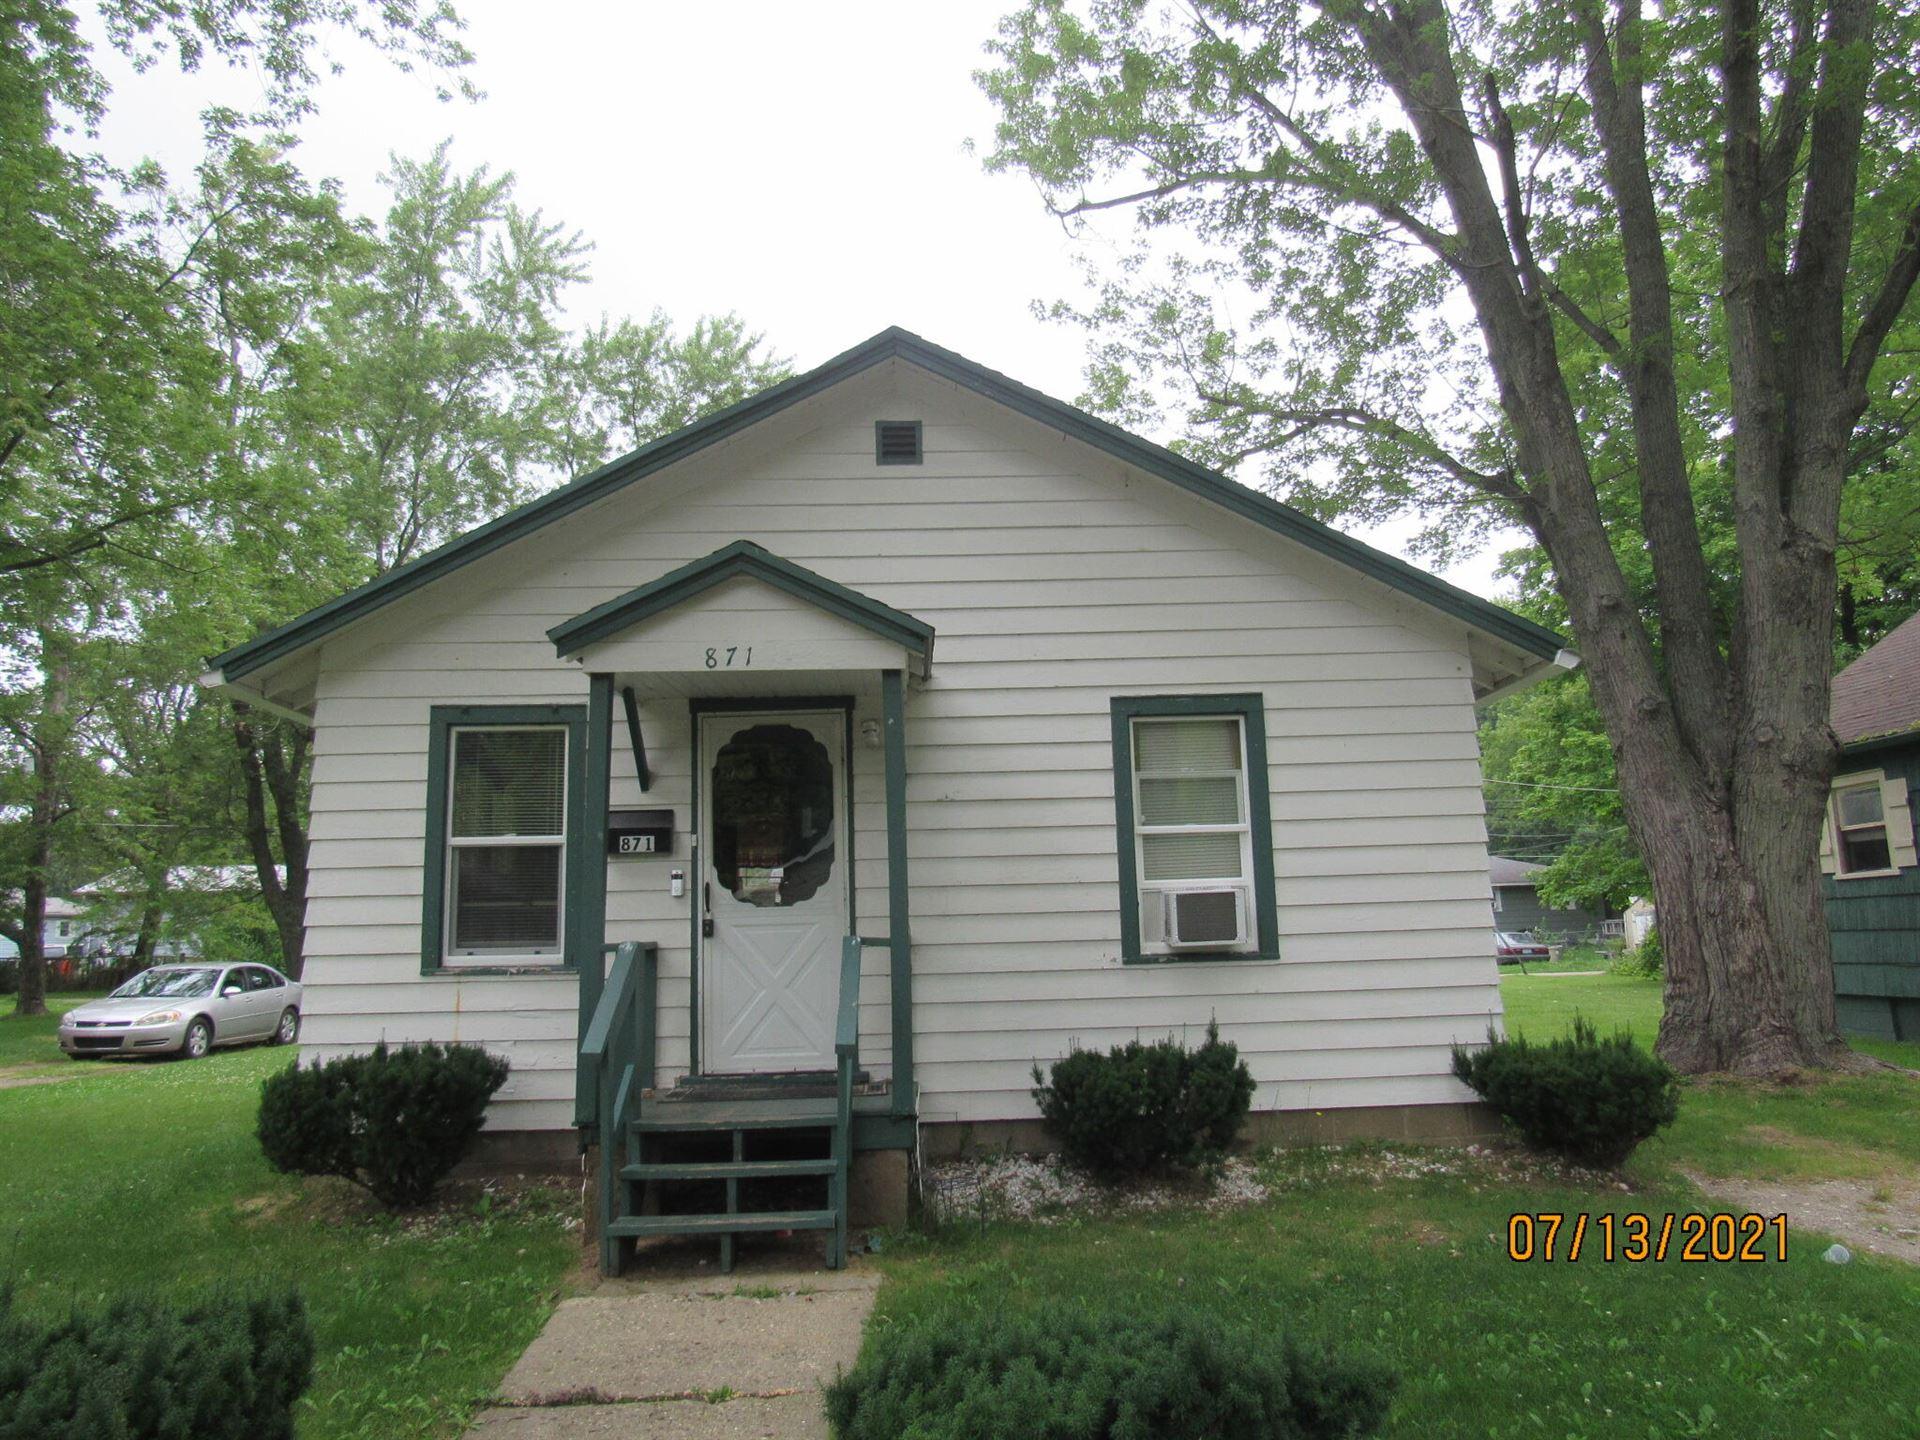 871 Wauceda Avenue, Benton Harbor, MI 49022 - MLS#: 21064836